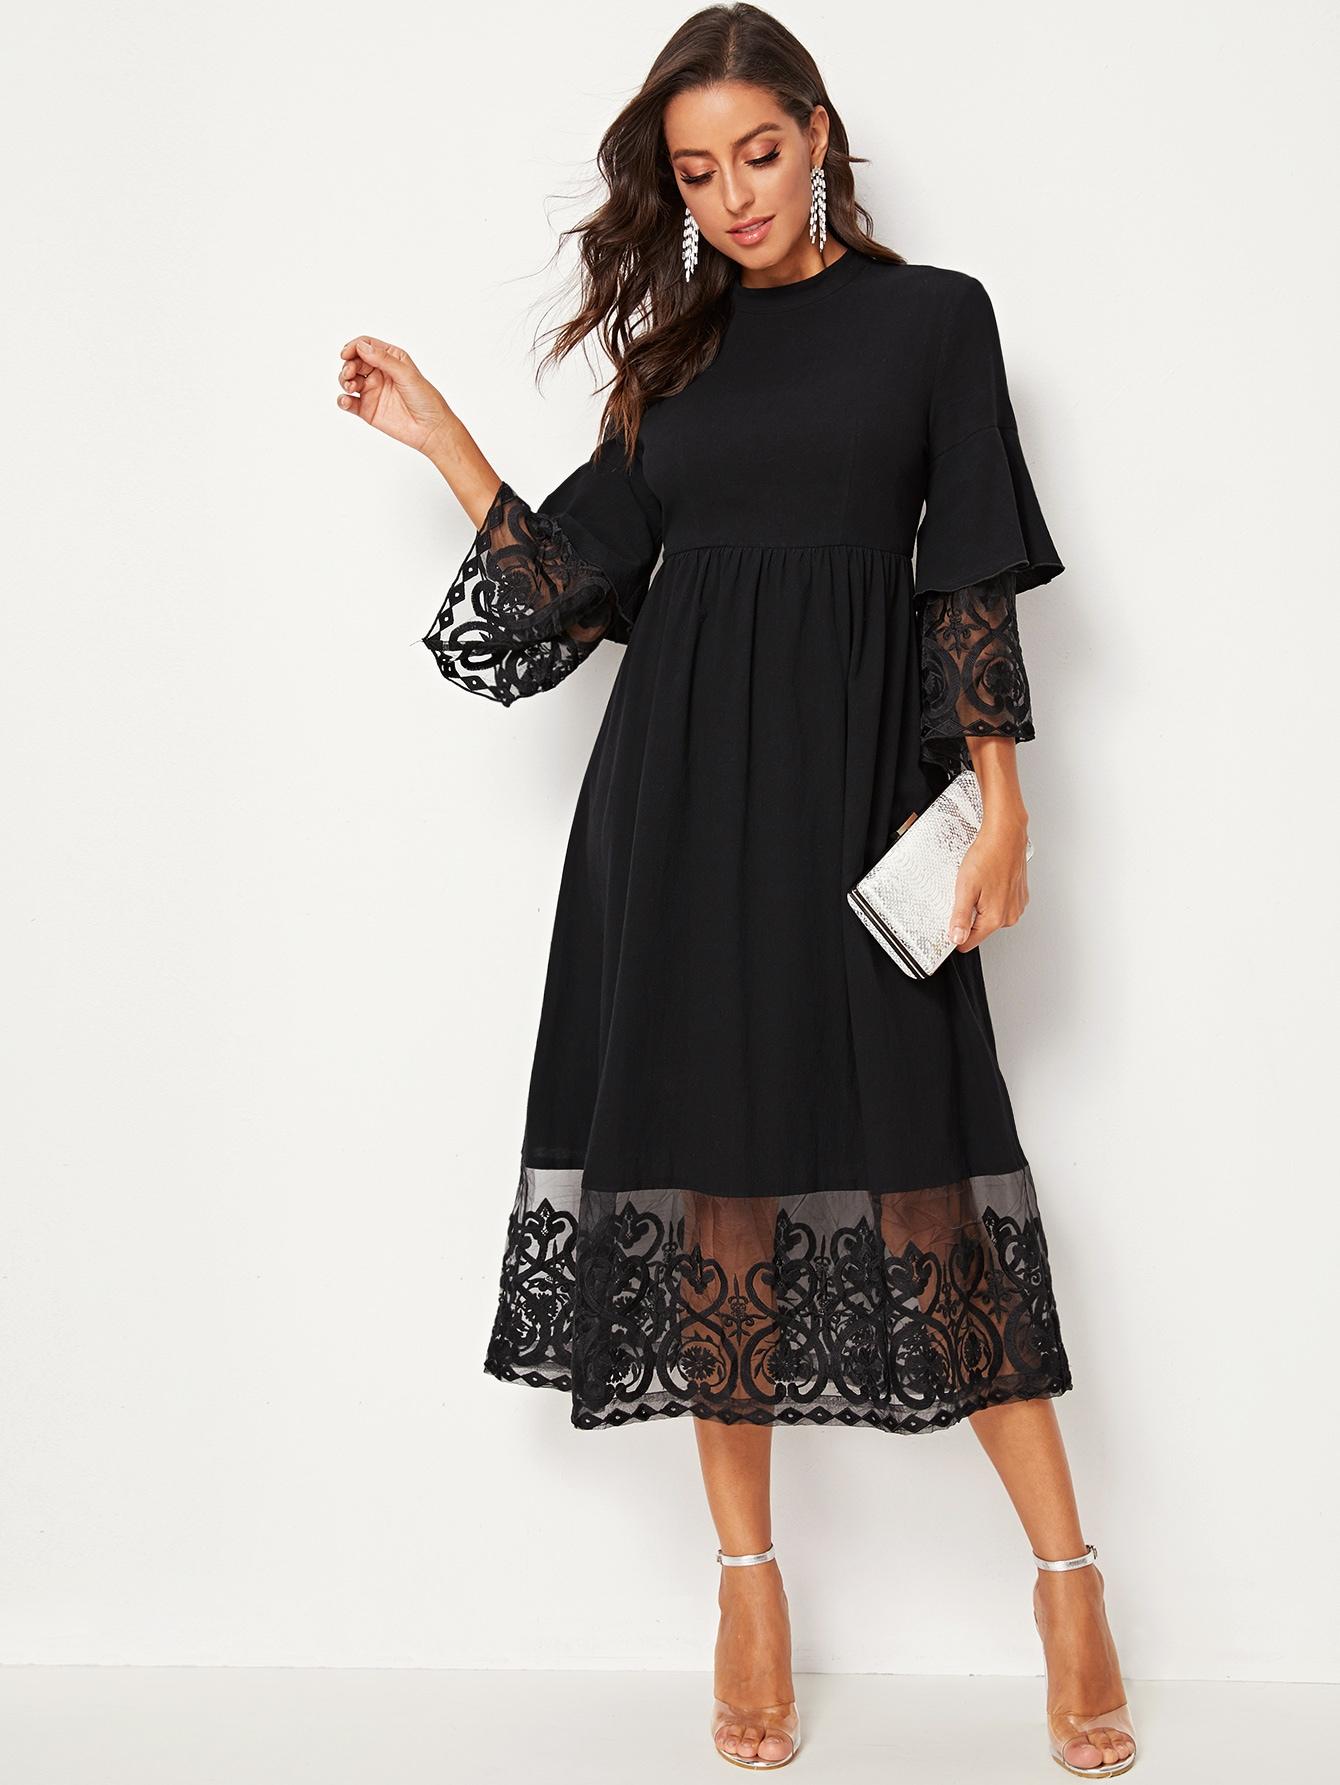 Фото - Платье со сетчатой вставкой, вышивкой и оригинальным рукавом от SheIn цвет чёрные